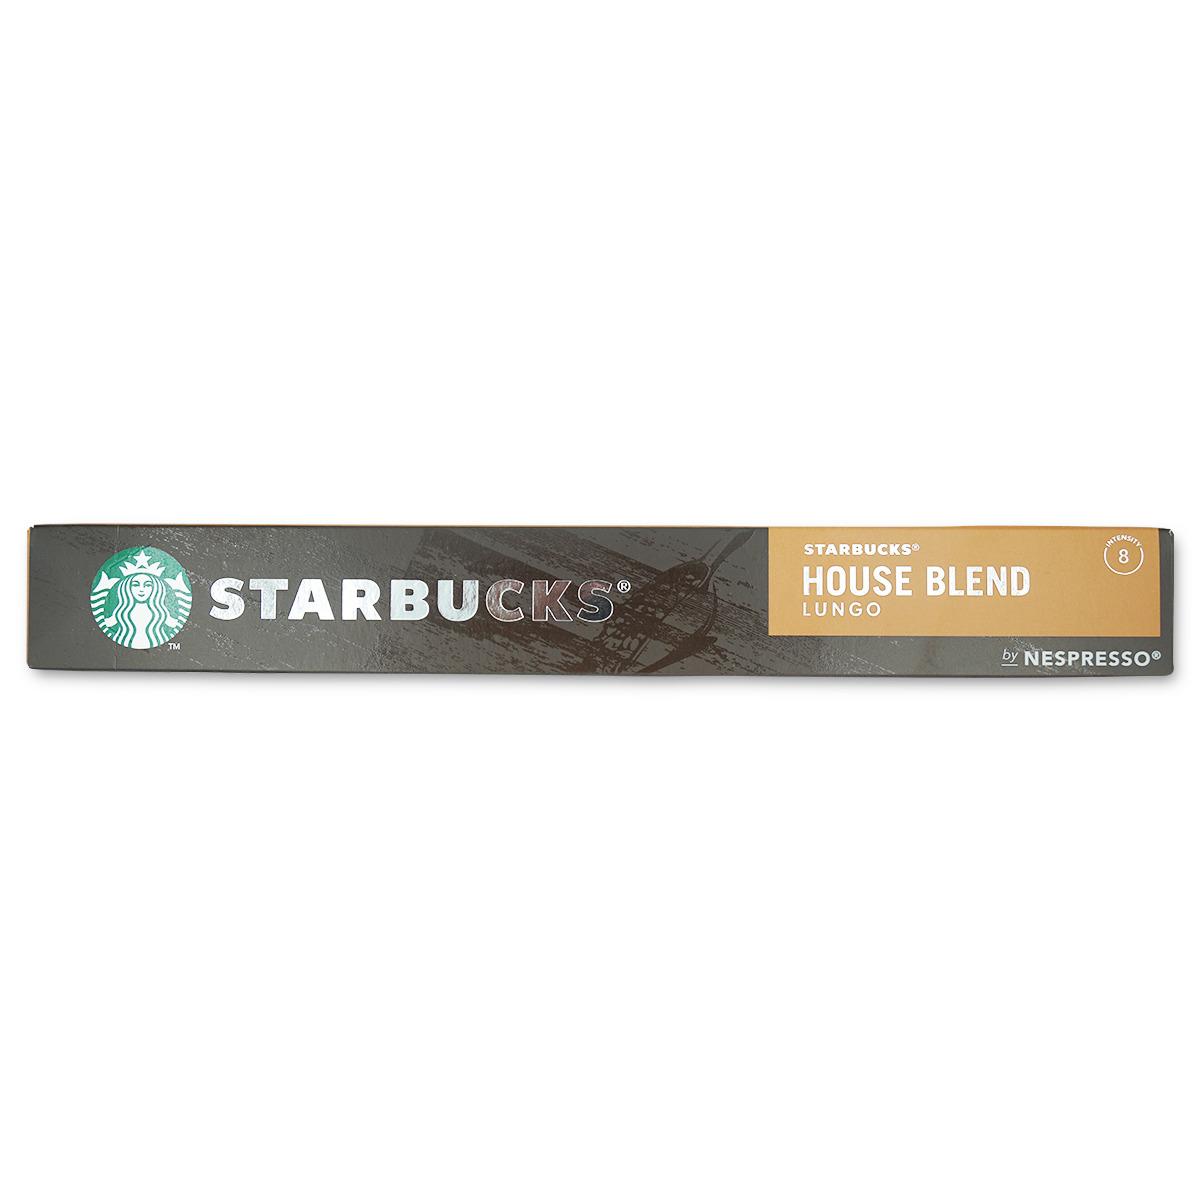 Starbucks Nespresso House Blend 10 Kap.